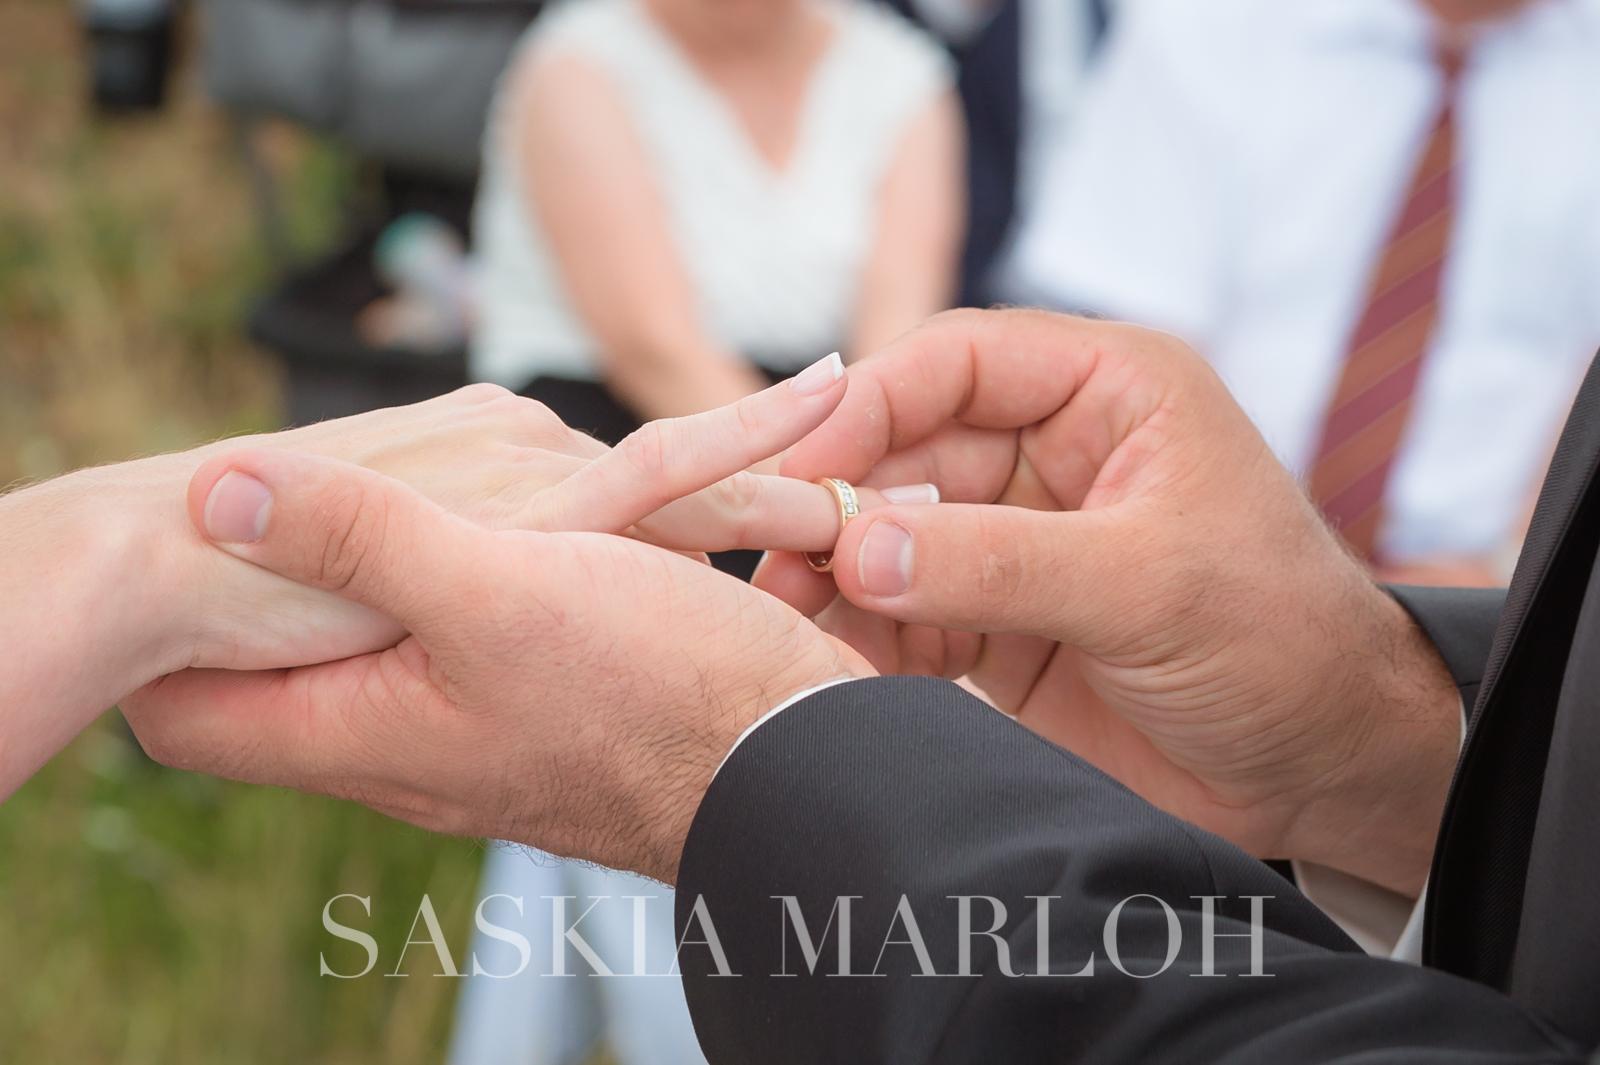 WEINGUT-GEORG-MÜLLER-CLUB-PRESTIGE-DE-LUXE-HOCHZEIT-WEDDING-PHOTO-FOTO-SASKIA-MARLOH-edit-565